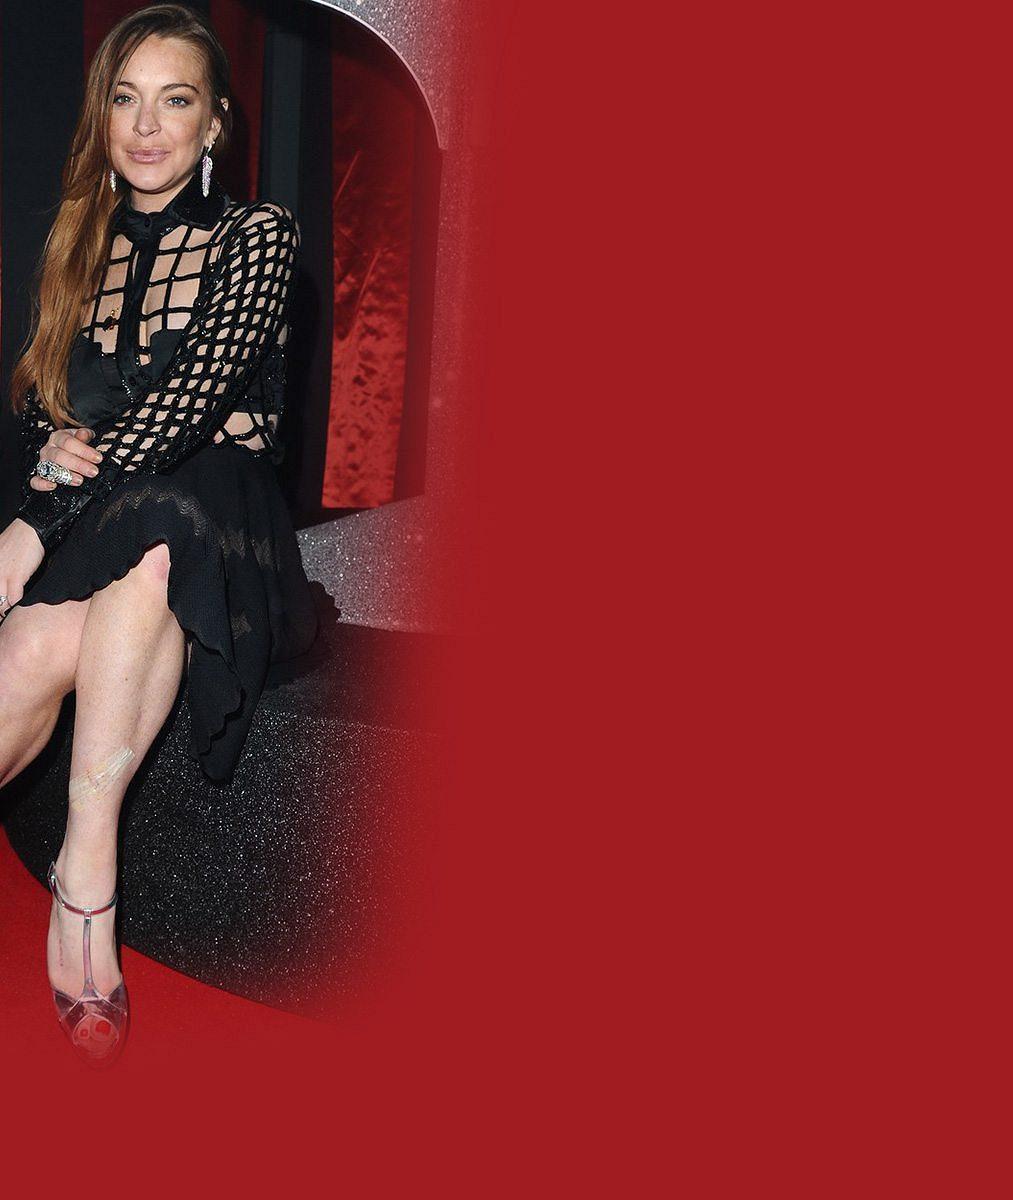 Co to se sebou provedla? Lindsay Lohan se s napíchanými rty přidala ke kačeří farmě